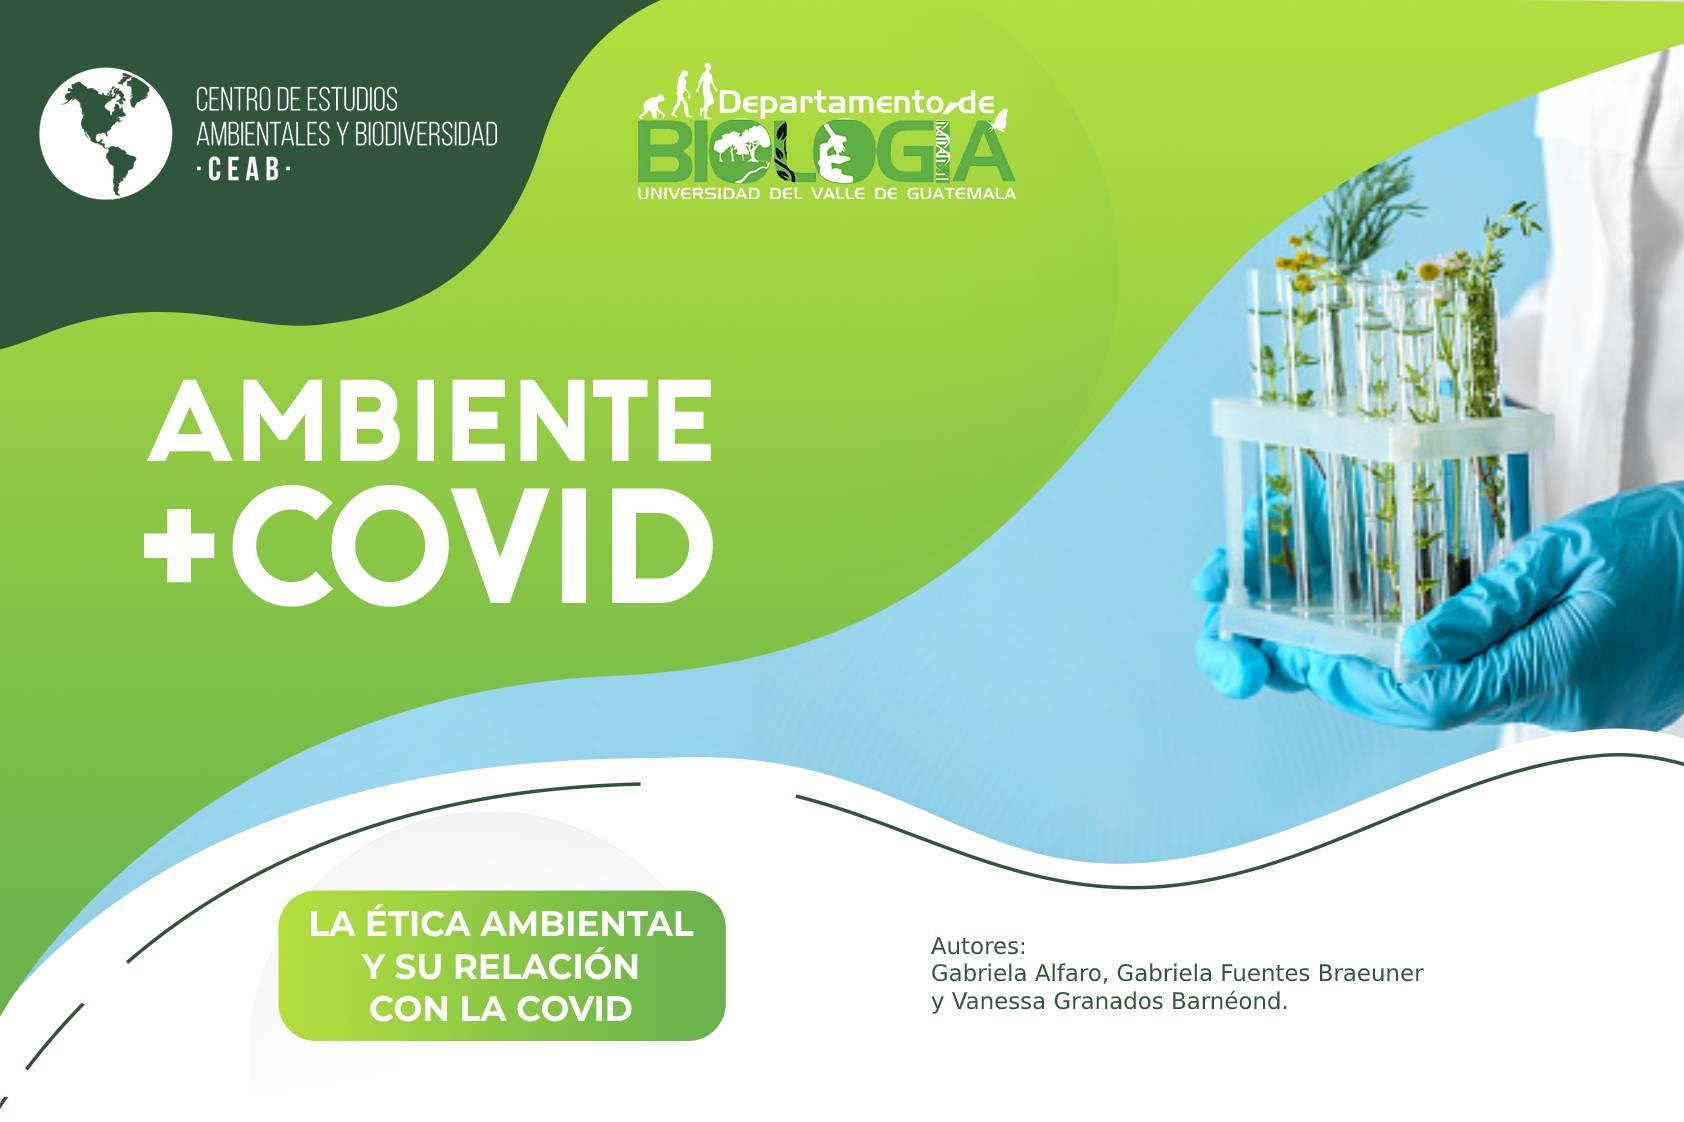 La ética ambiental y su relación con la COVID